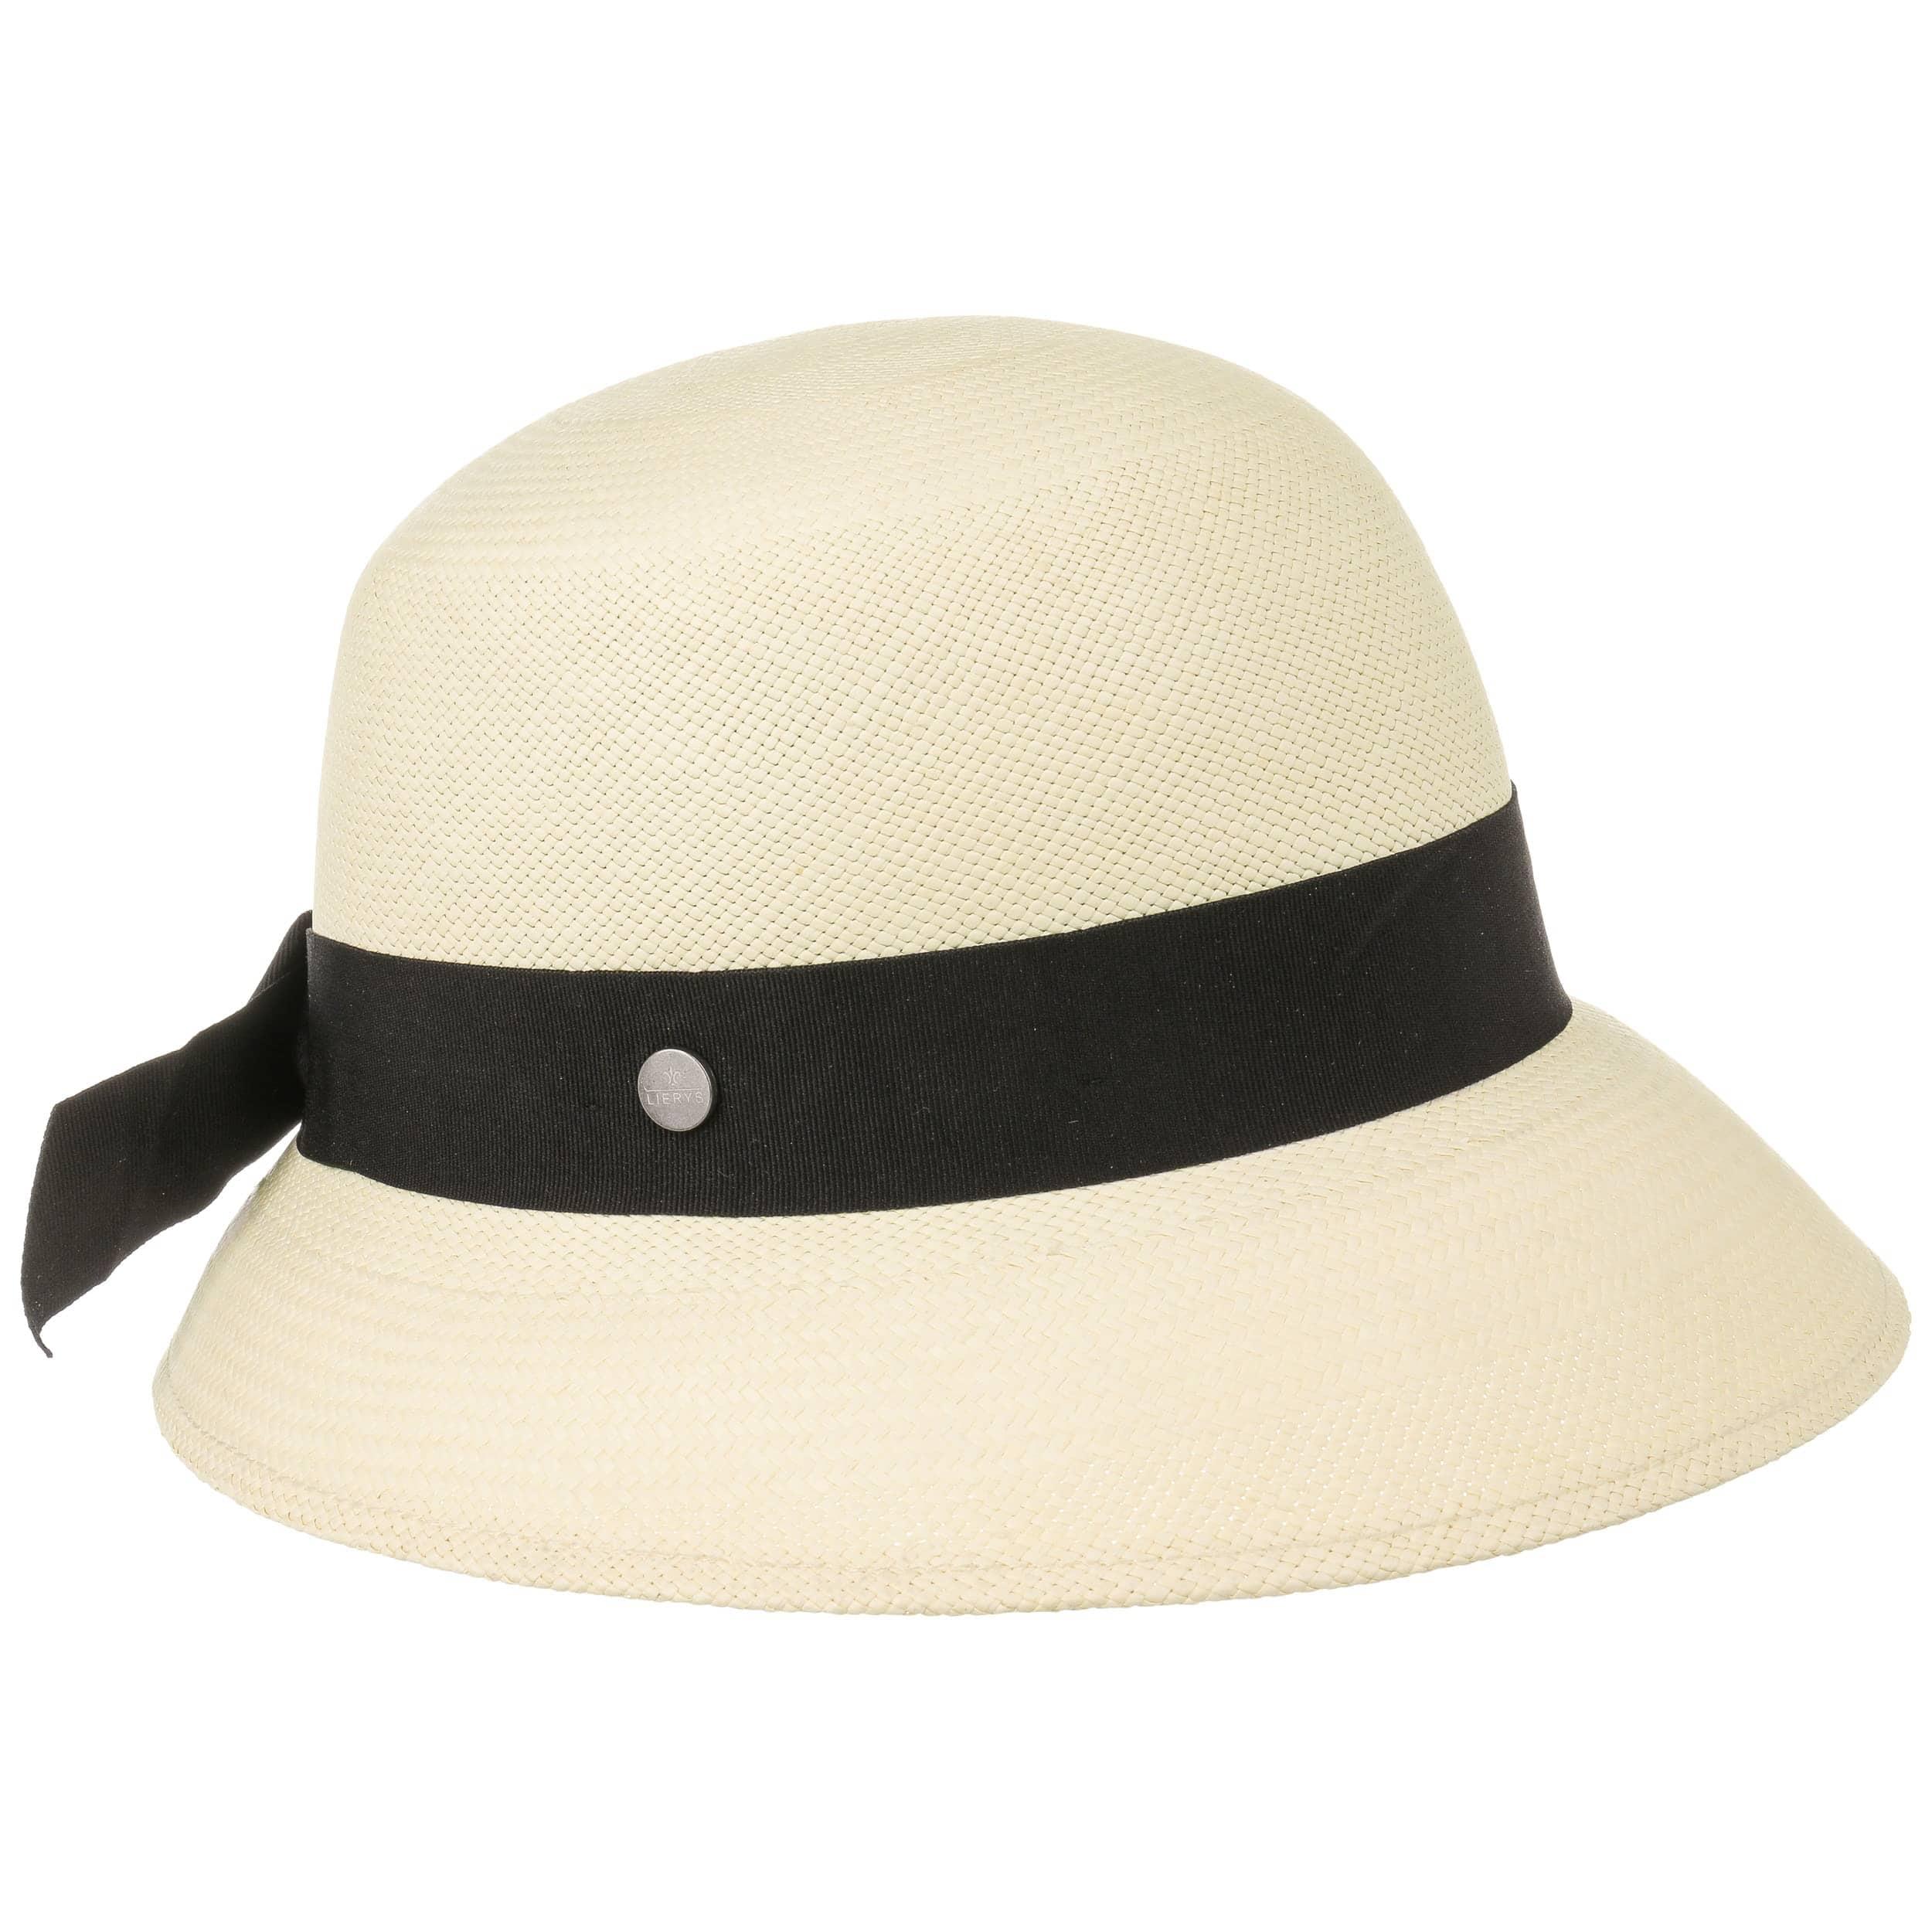 2c4ff88973617 Sombrero Cloché Panamá by Lierys - Sombreros - sombreroshop.es